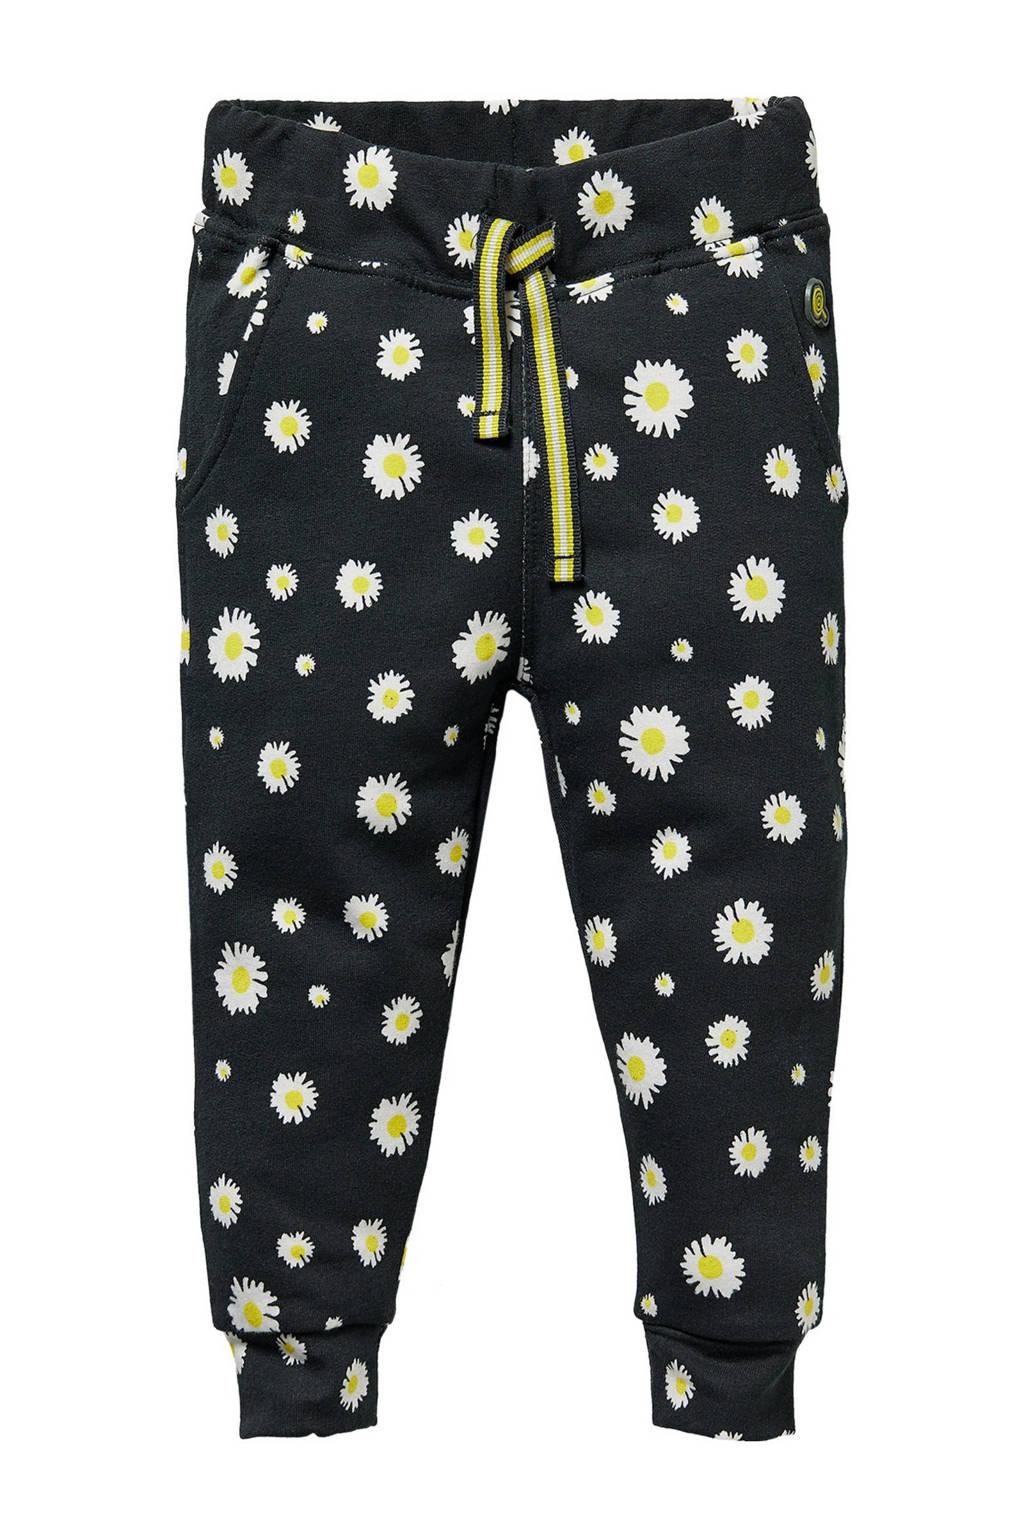 Quapi Mini gebloemde regular fit broek Gracy zwart/wit/geel, Zwart/wit/geel